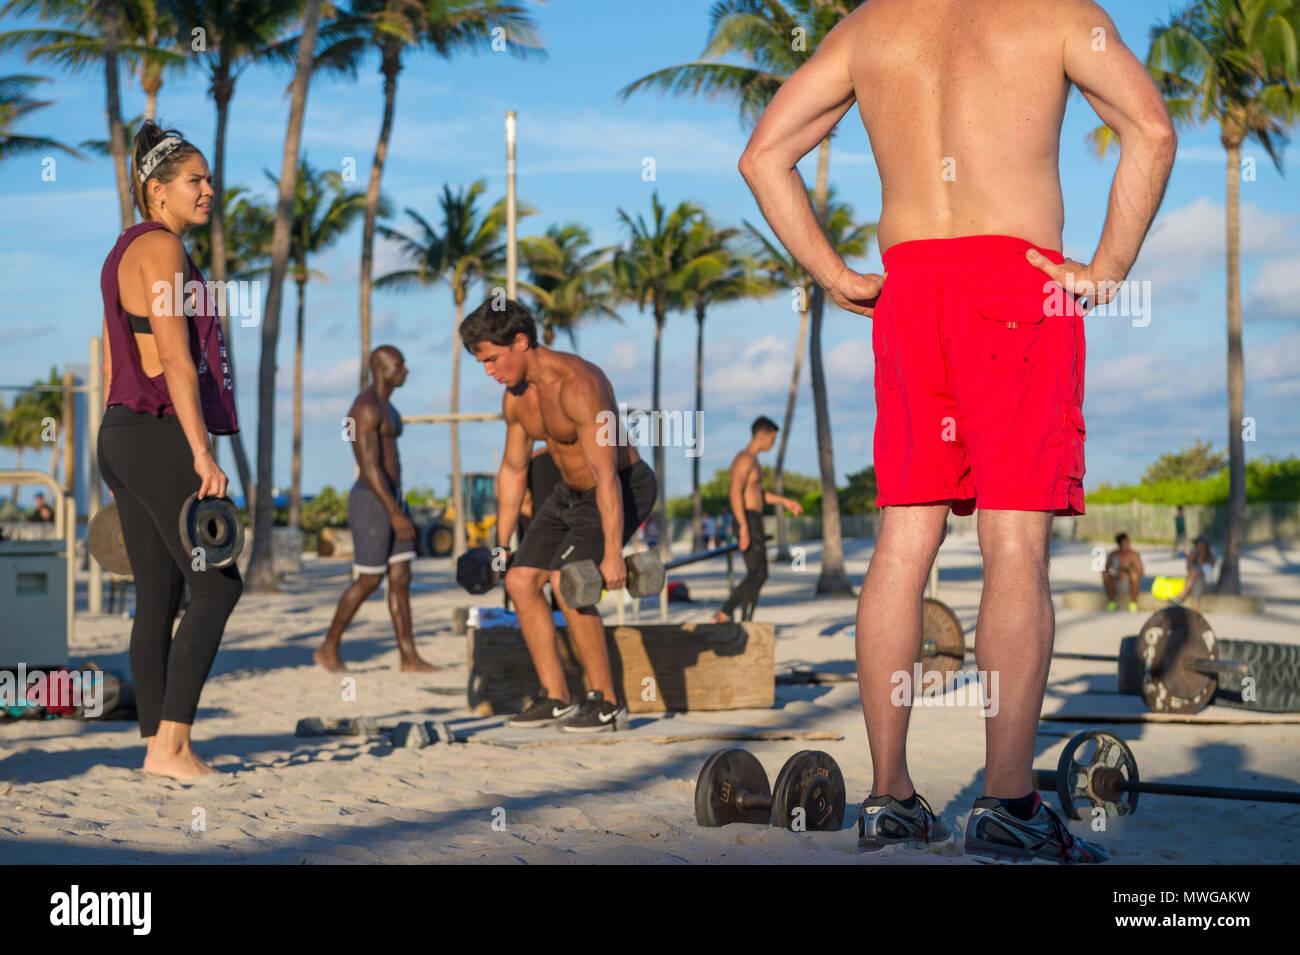 MIAMI - Dezember 29, 2017: Muskulöse junge Männer trainieren Sie im Fitnessbereich im Freien als Muscle Beach in Lummus Park bekannt. Stockbild